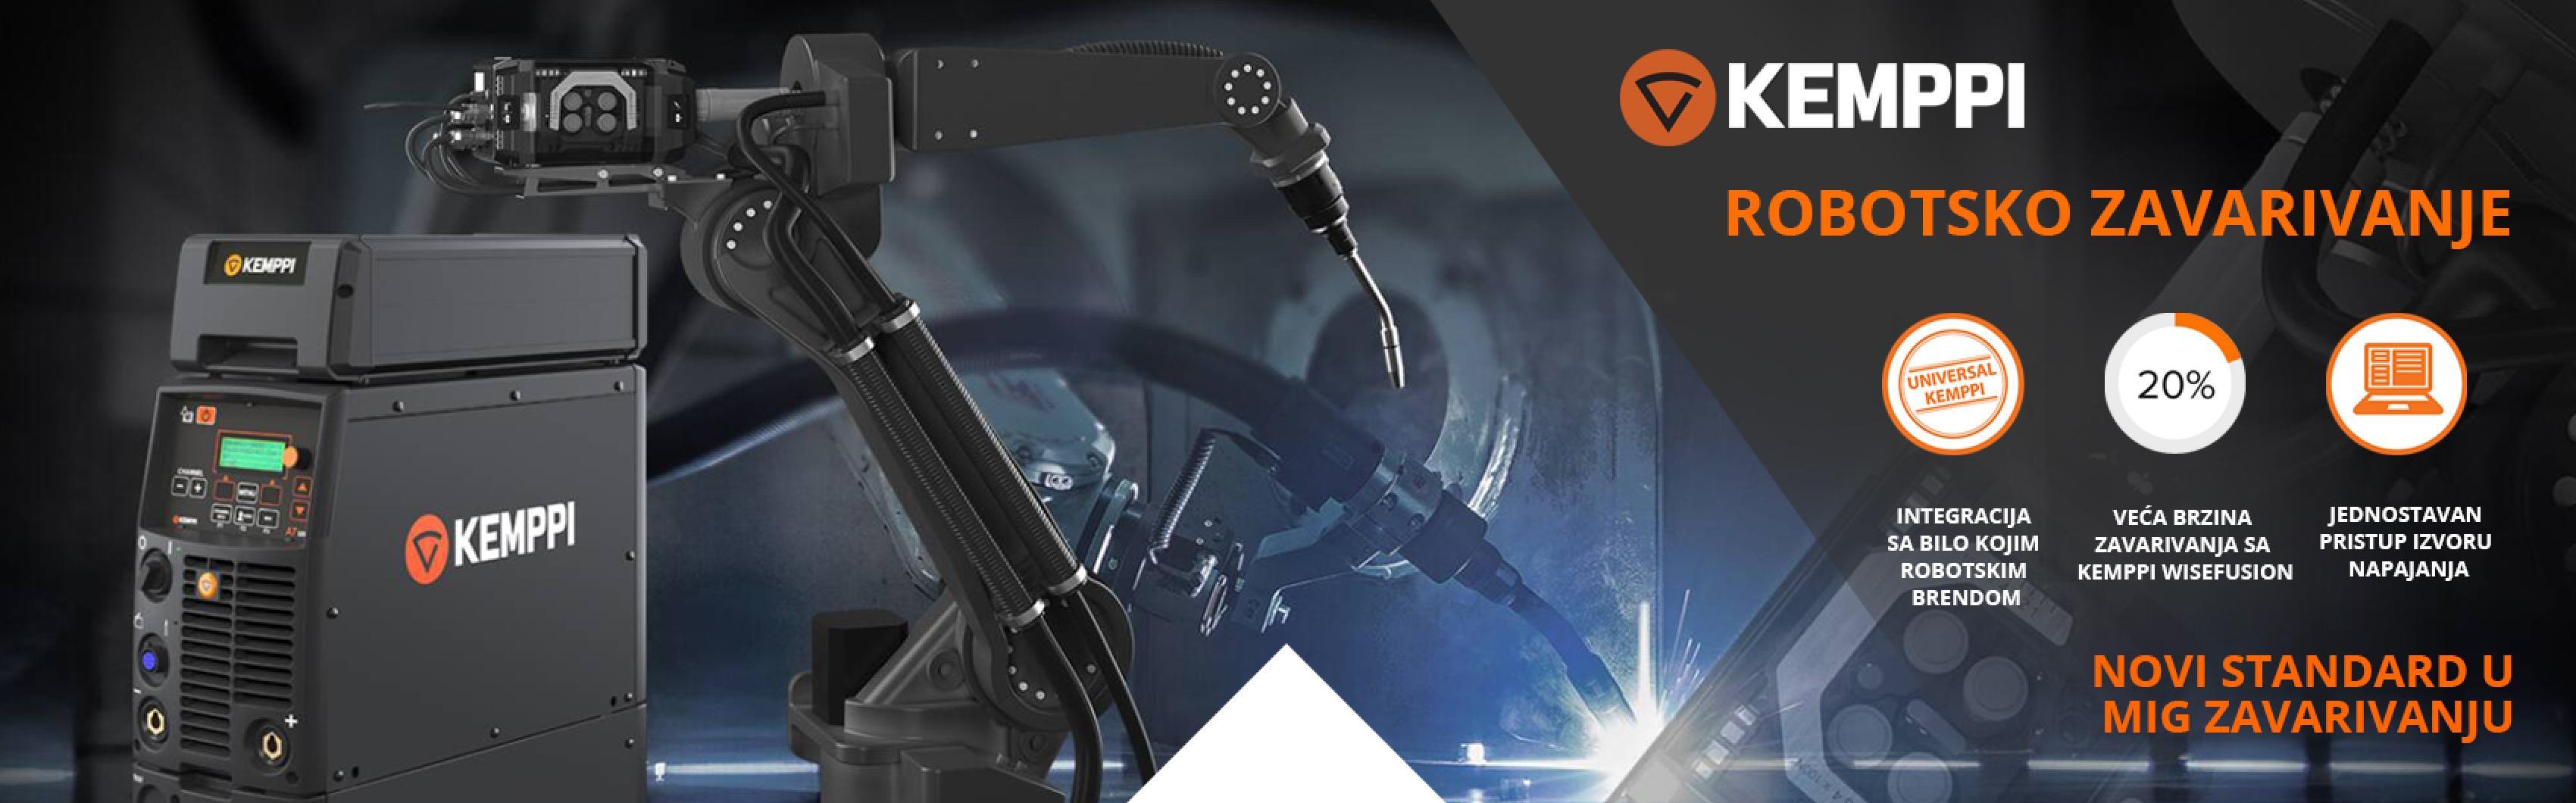 Kemppi A7 robotsko zavarivanje - Var Sistem